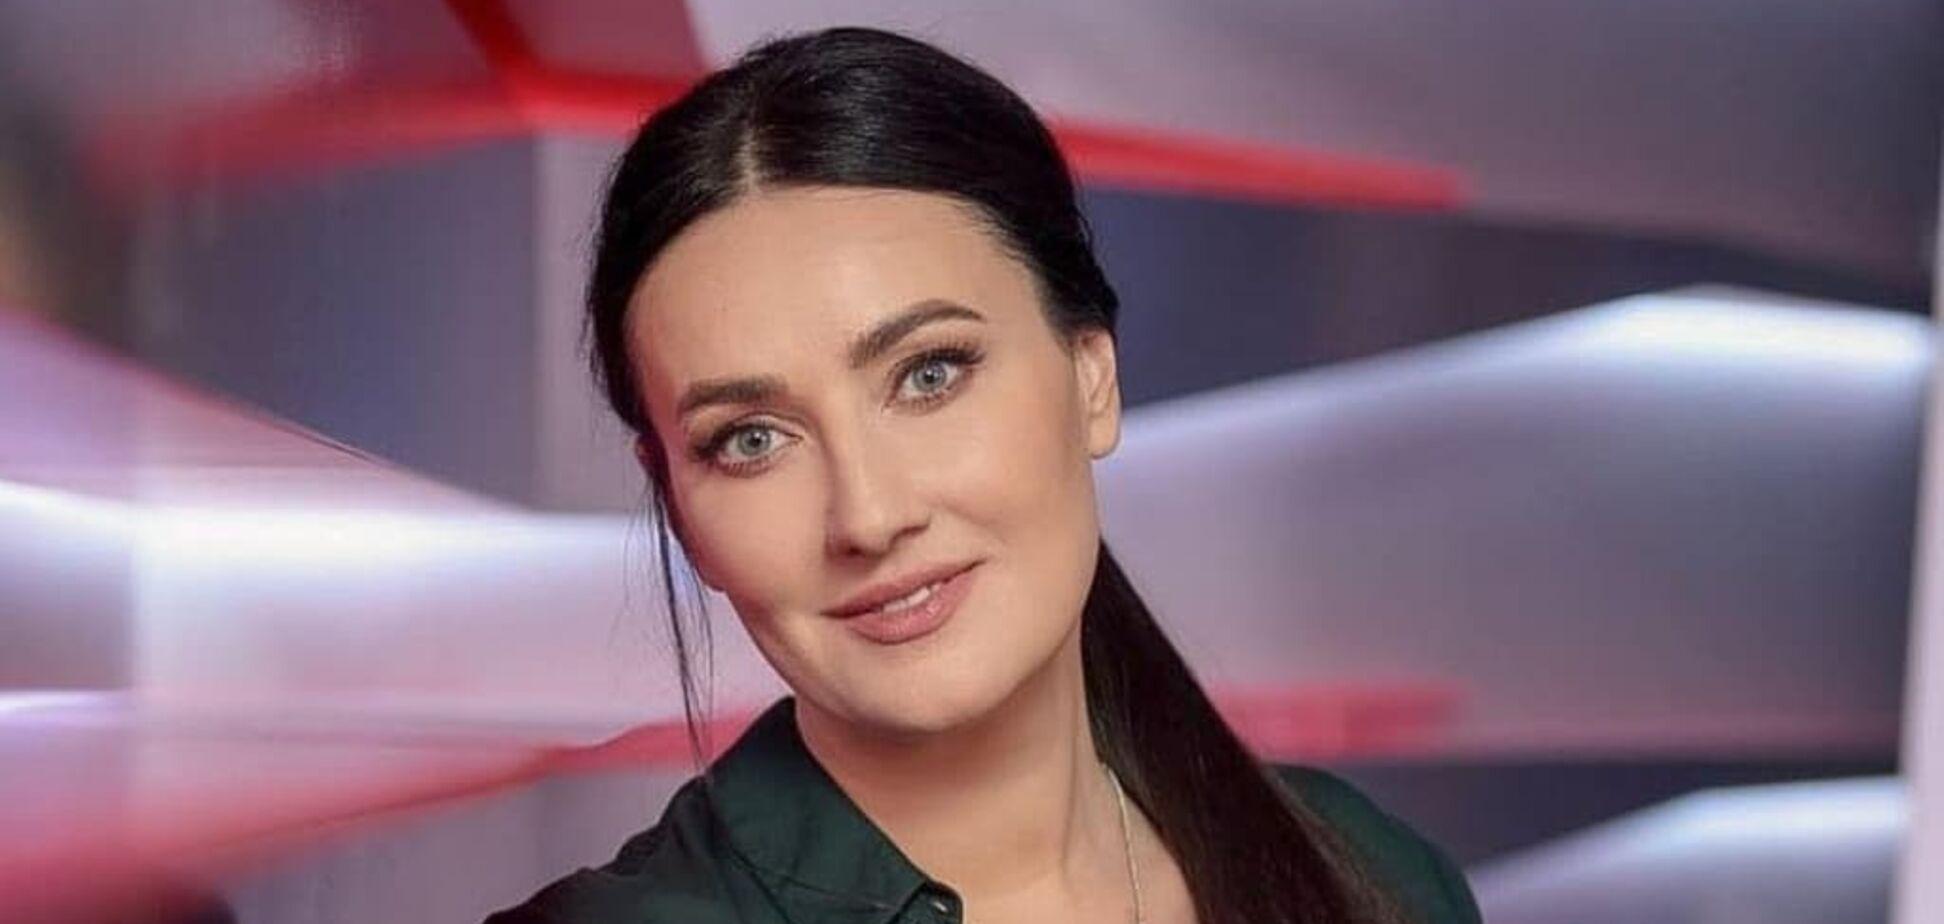 Соломия Витвицкая рассказала о своем самочувствии после ДТП